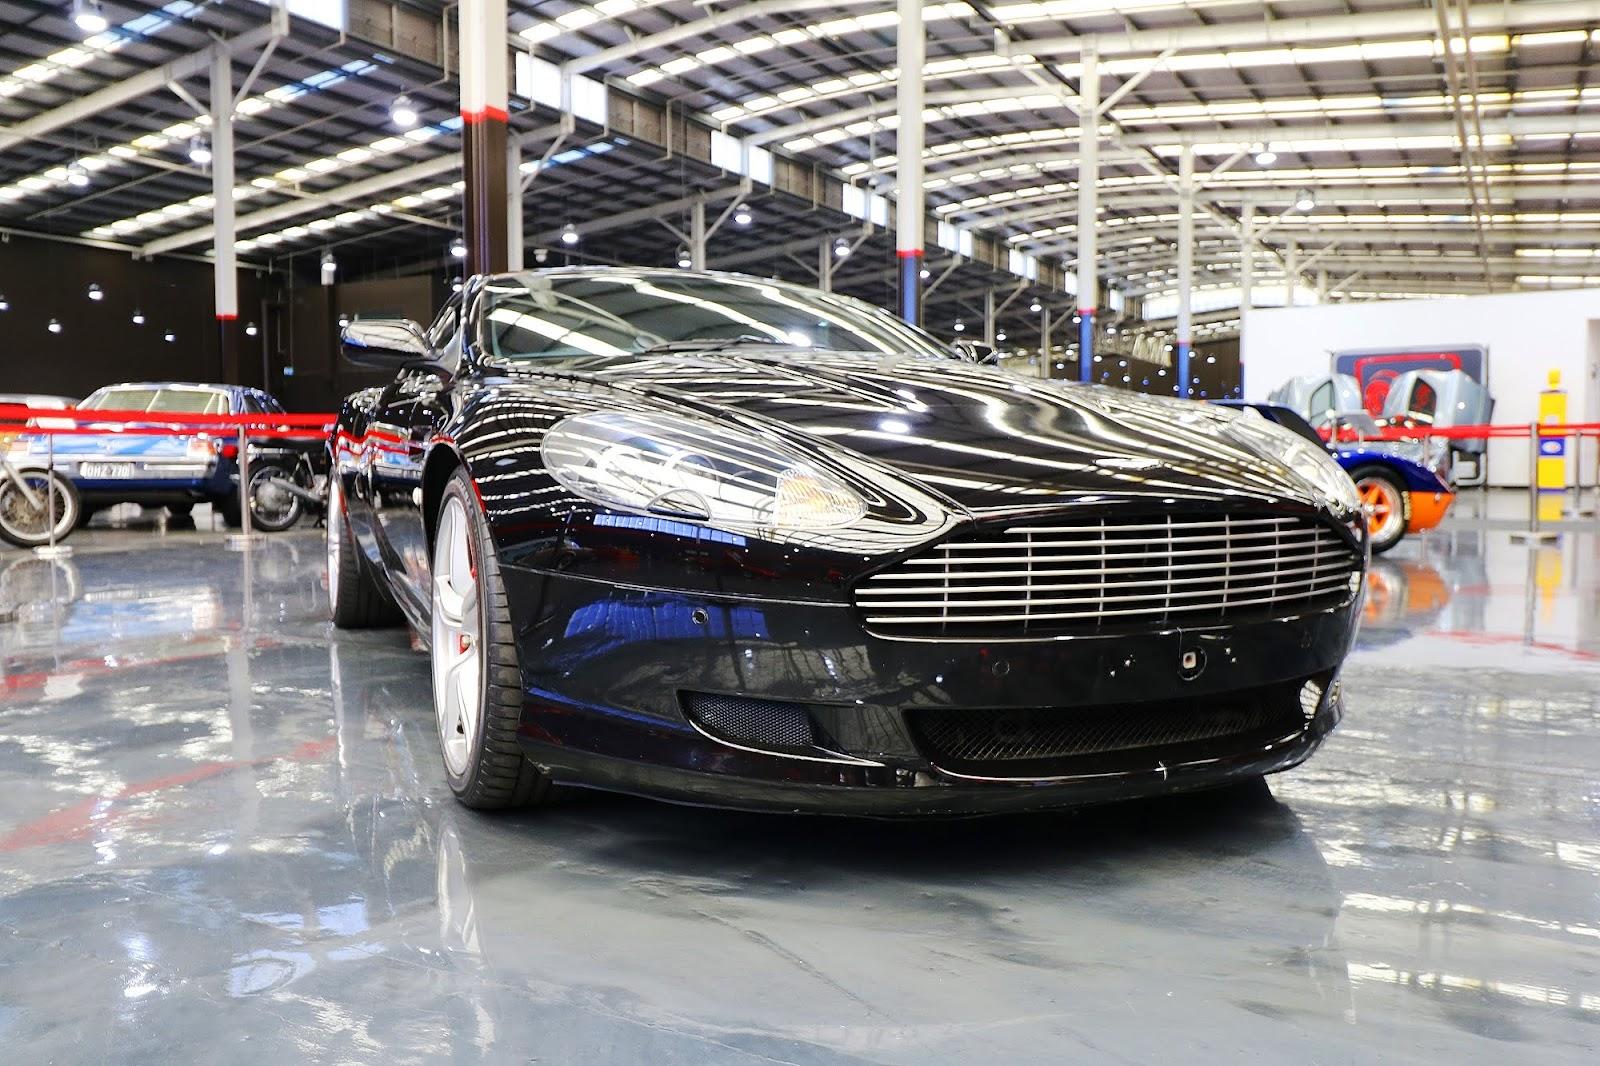 2007 Aston Martin DB9 (09).jpg